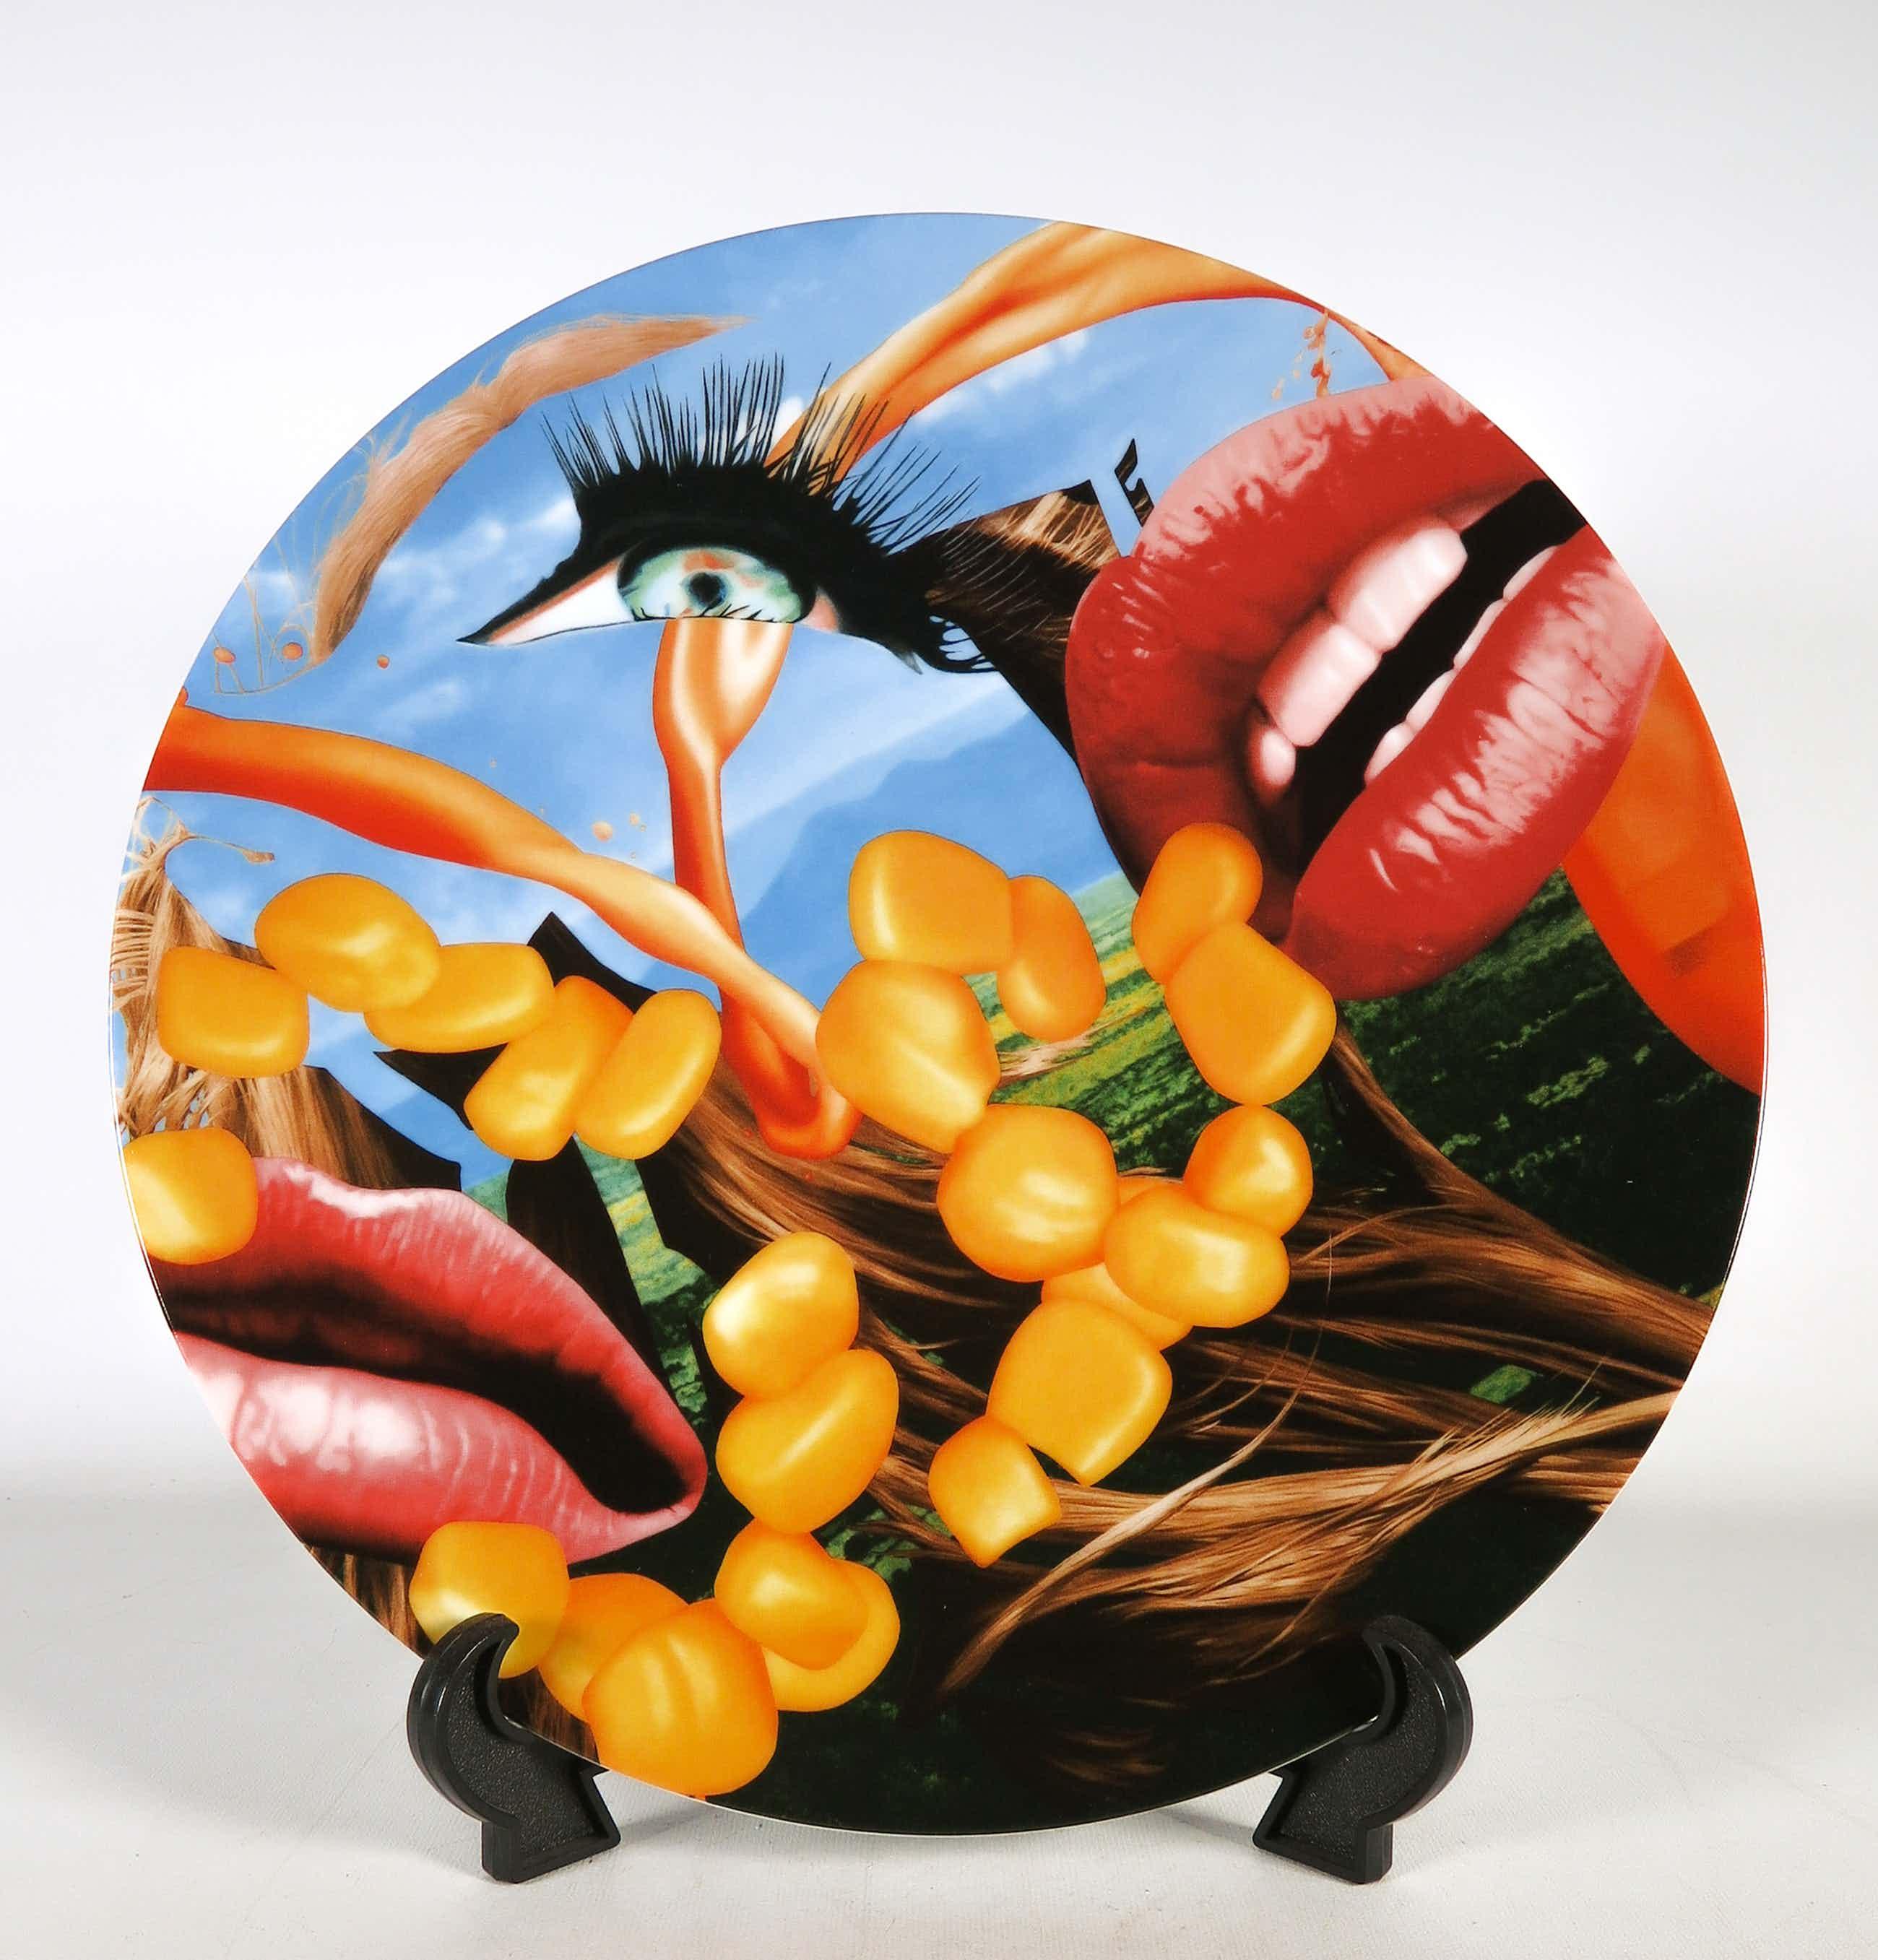 Jeff Koons - Gelimiteerd porseleinen bord - Lips - Uitgevoerd door Bernardaud kopen? Bied vanaf 291!